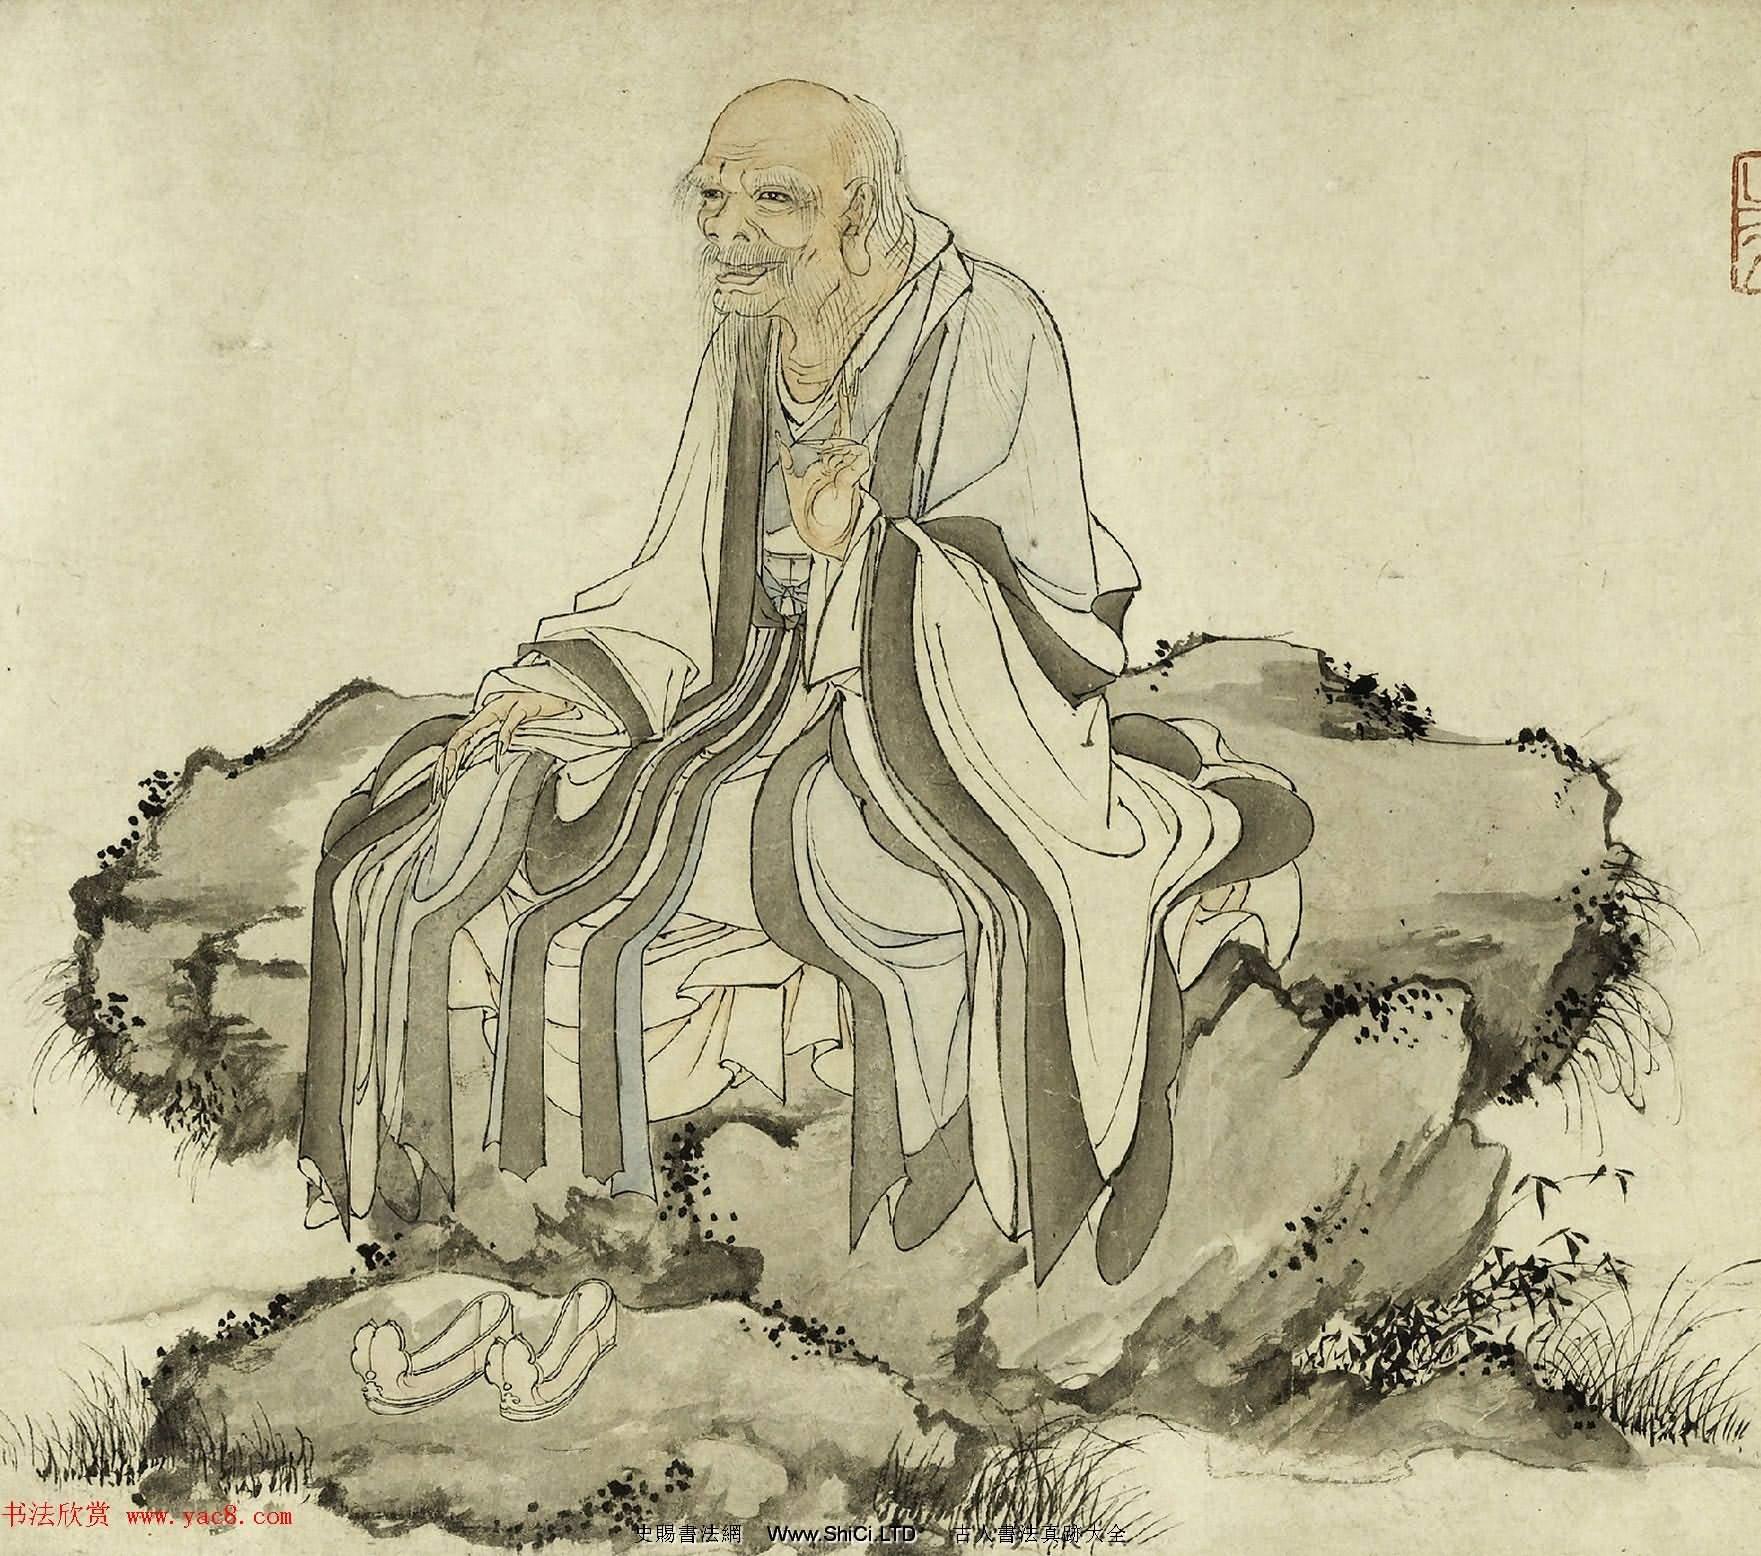 元代華祖立玄門十子圖吳炳行楷寫傳合卷(共20張圖片)